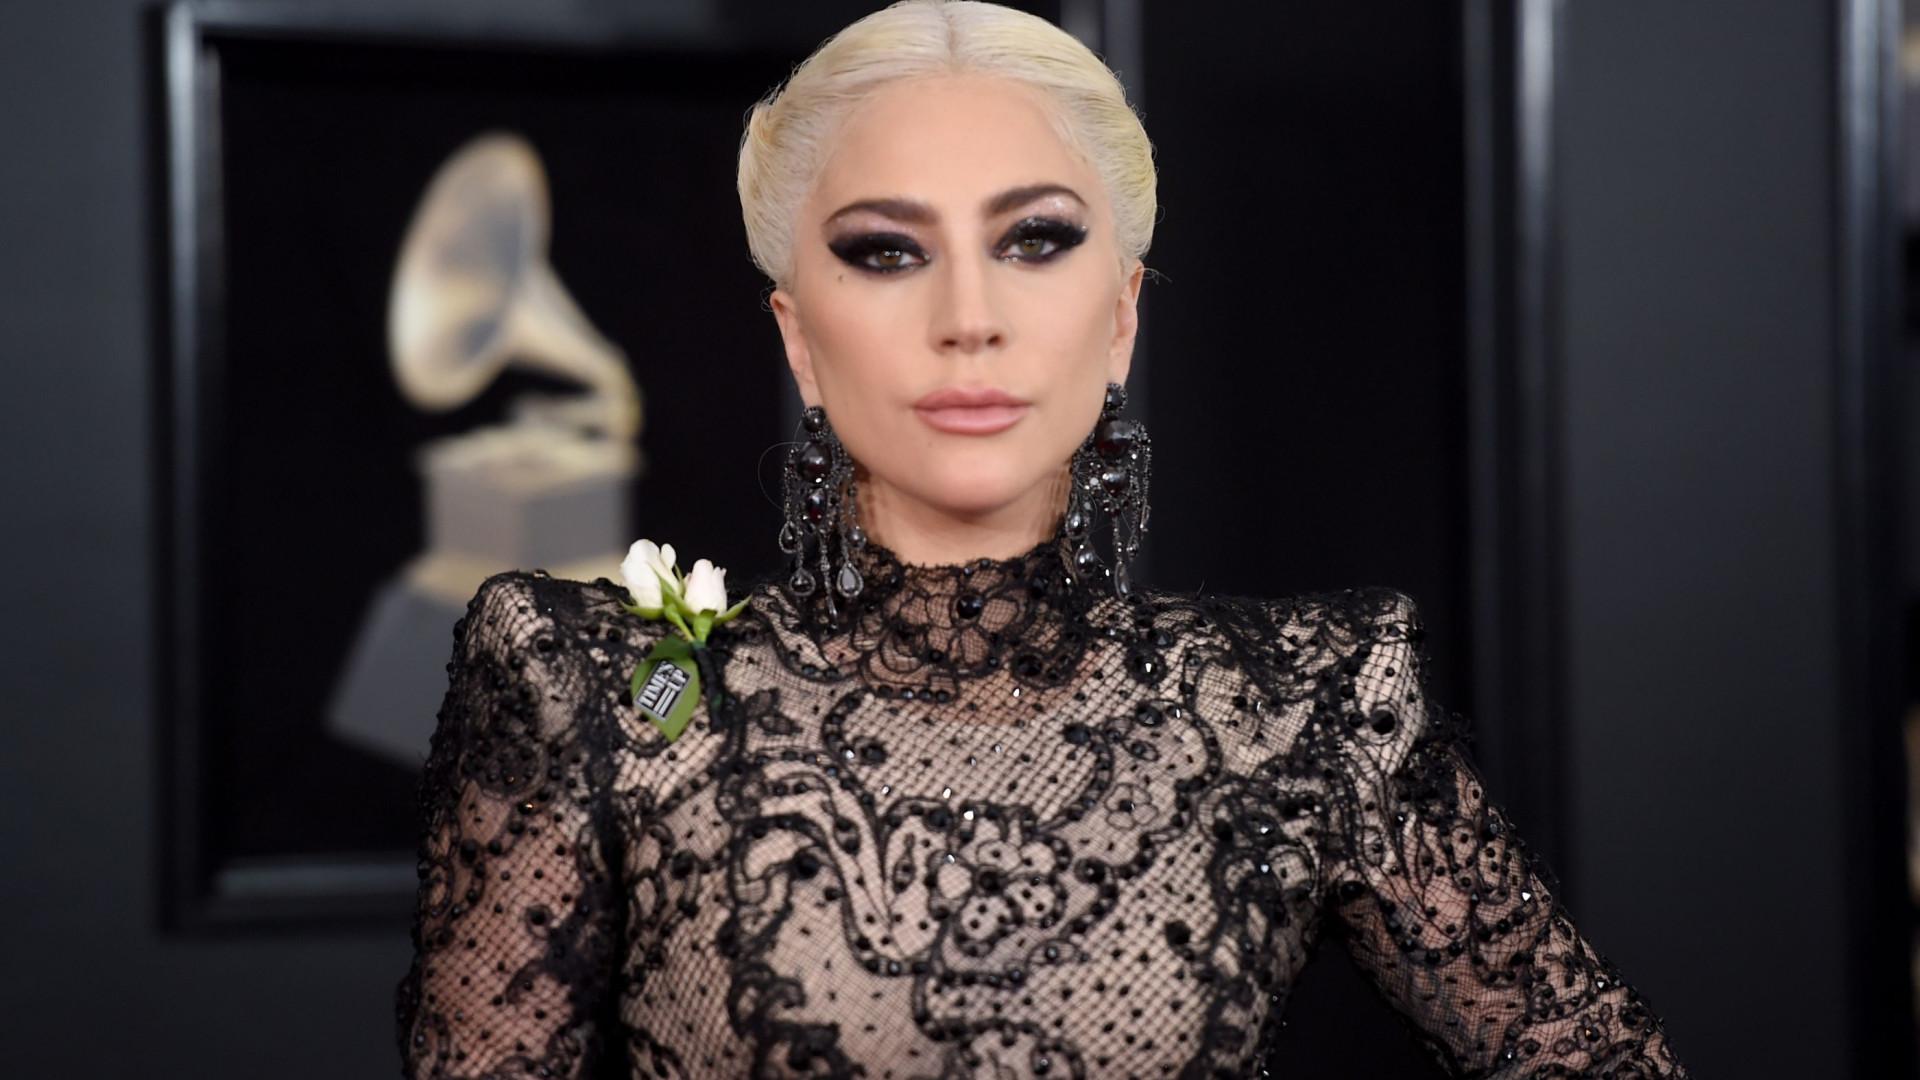 Em entrevista à revista francesa, Lady Gaga diz que sonha em ser mãe